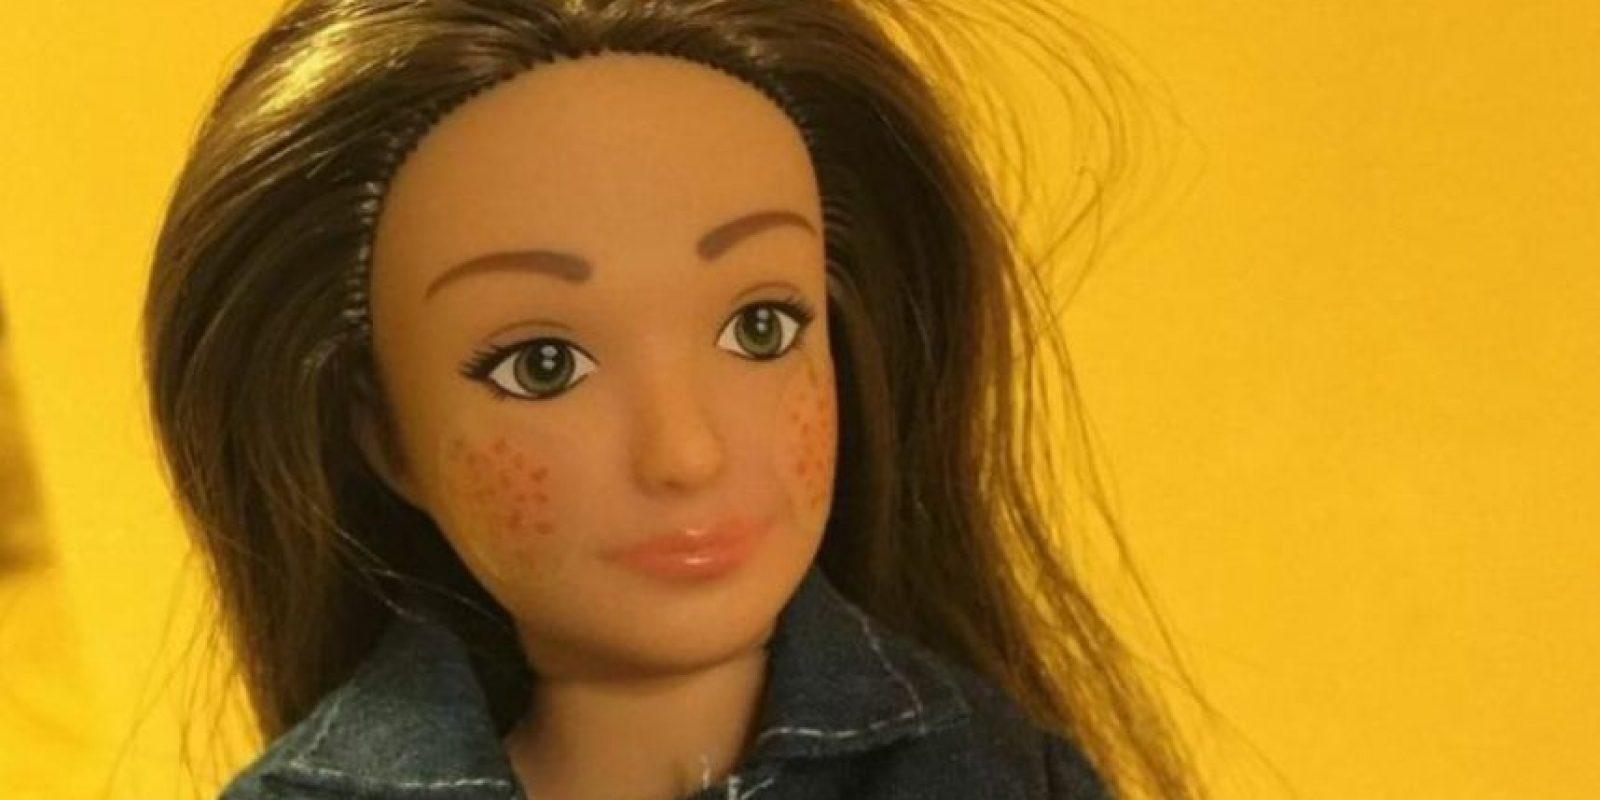 """Lammily es la Barbie """"real"""" con estrías y acné que impactó en estos días por ser más """"real"""" Foto:Lammily"""